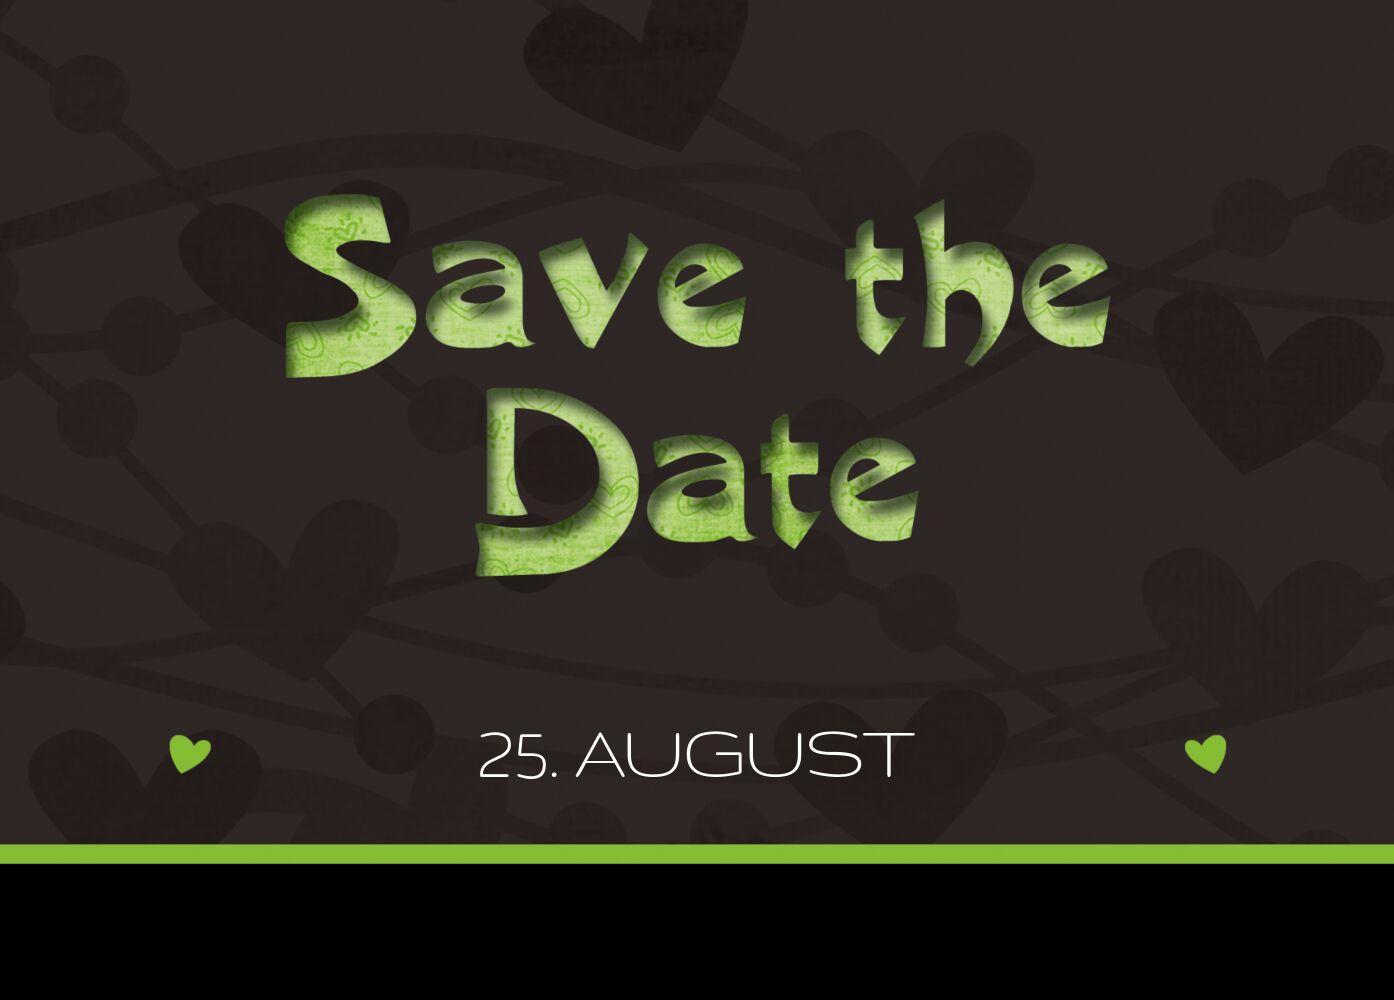 Ansicht 2 - Hochzeit Save the Date wilde Herzen